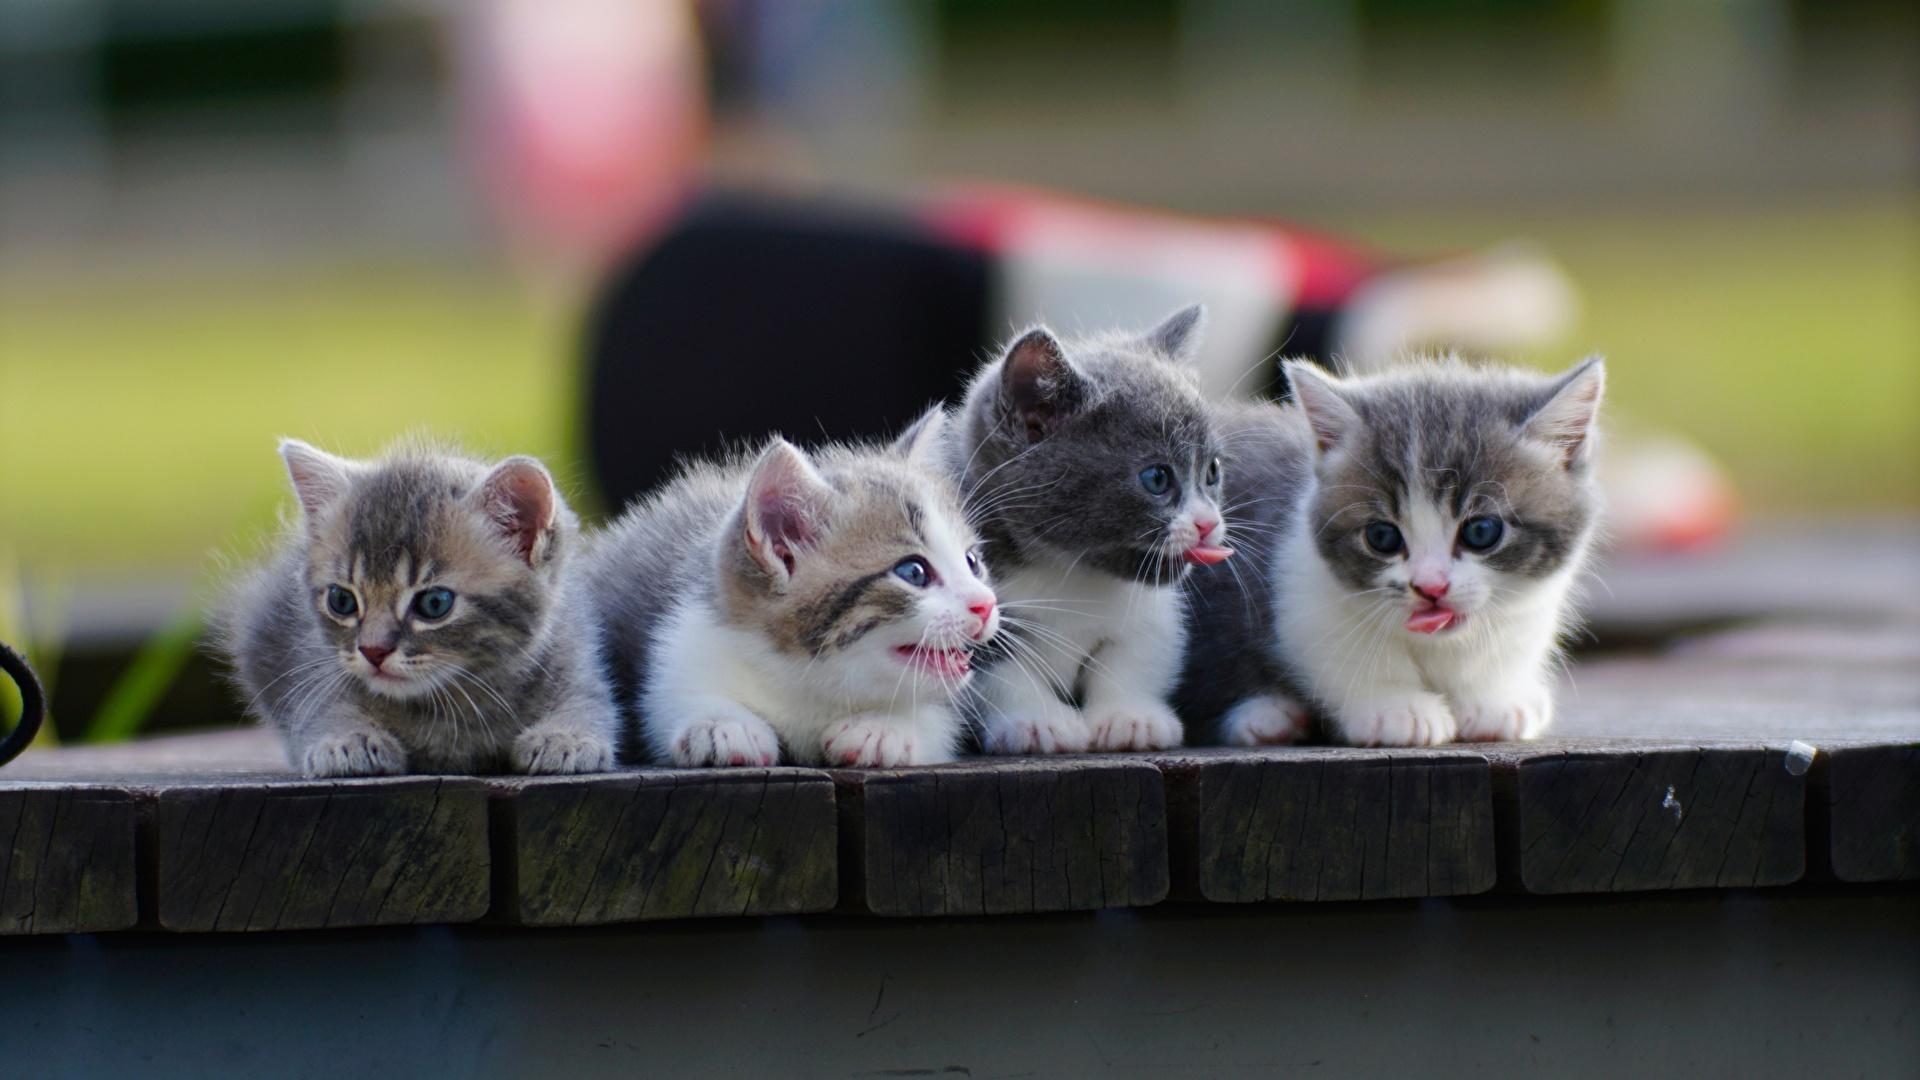 壁紙 1920x1080 飼い猫 Munchkin 子猫 可愛い 四4 動物